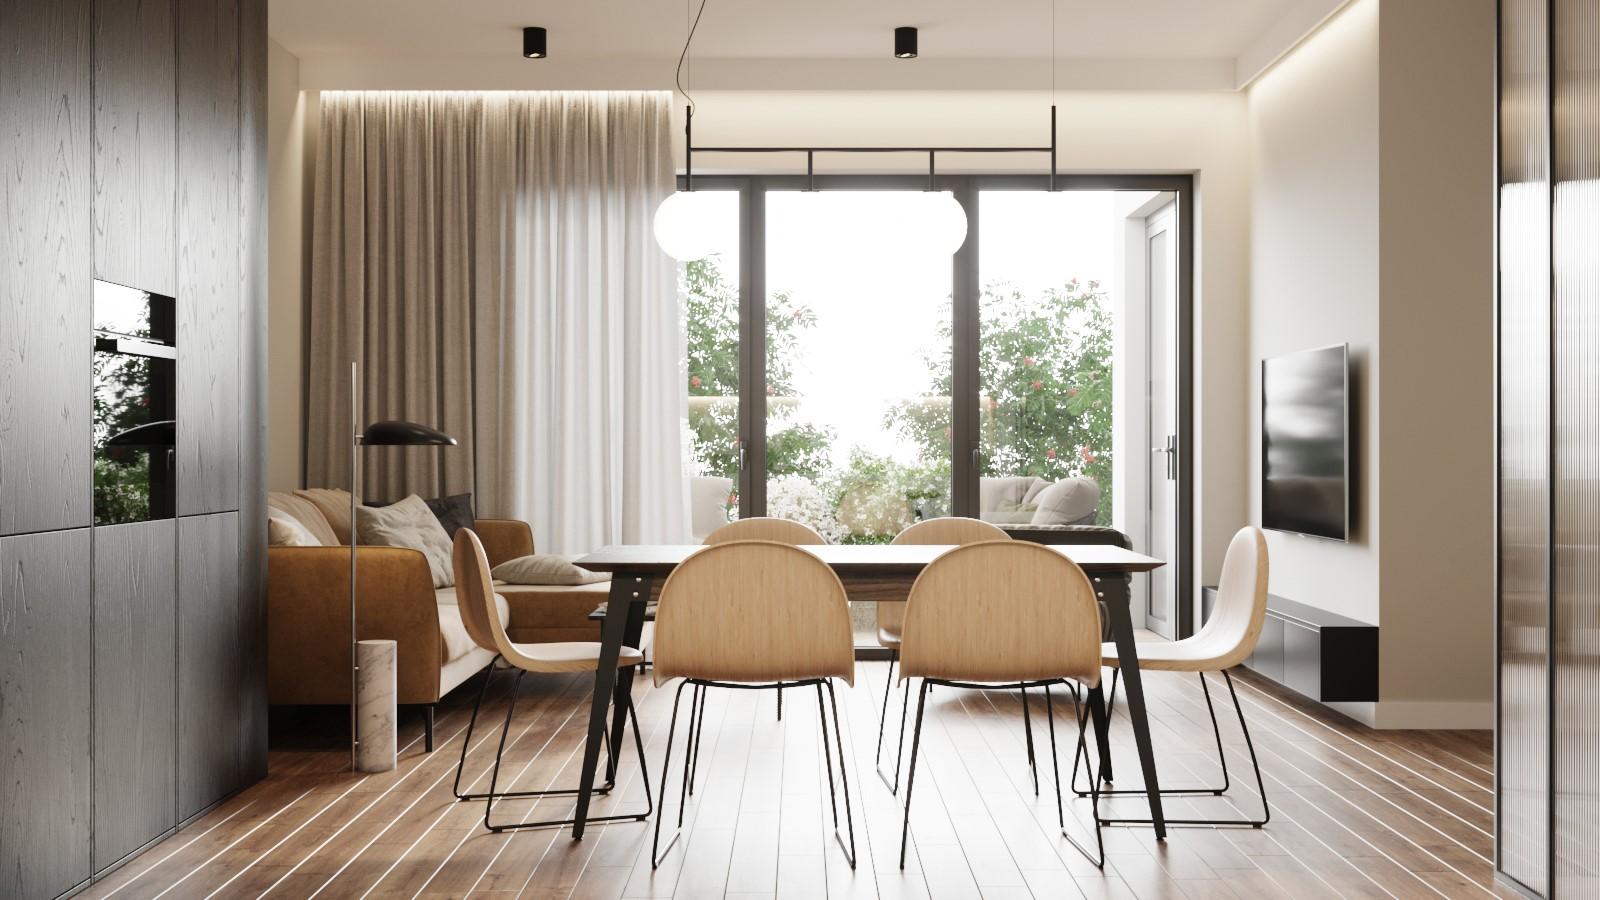 Jadalnia z salonem  zaprojektowana przez pracownię architektoniczną OIKOI